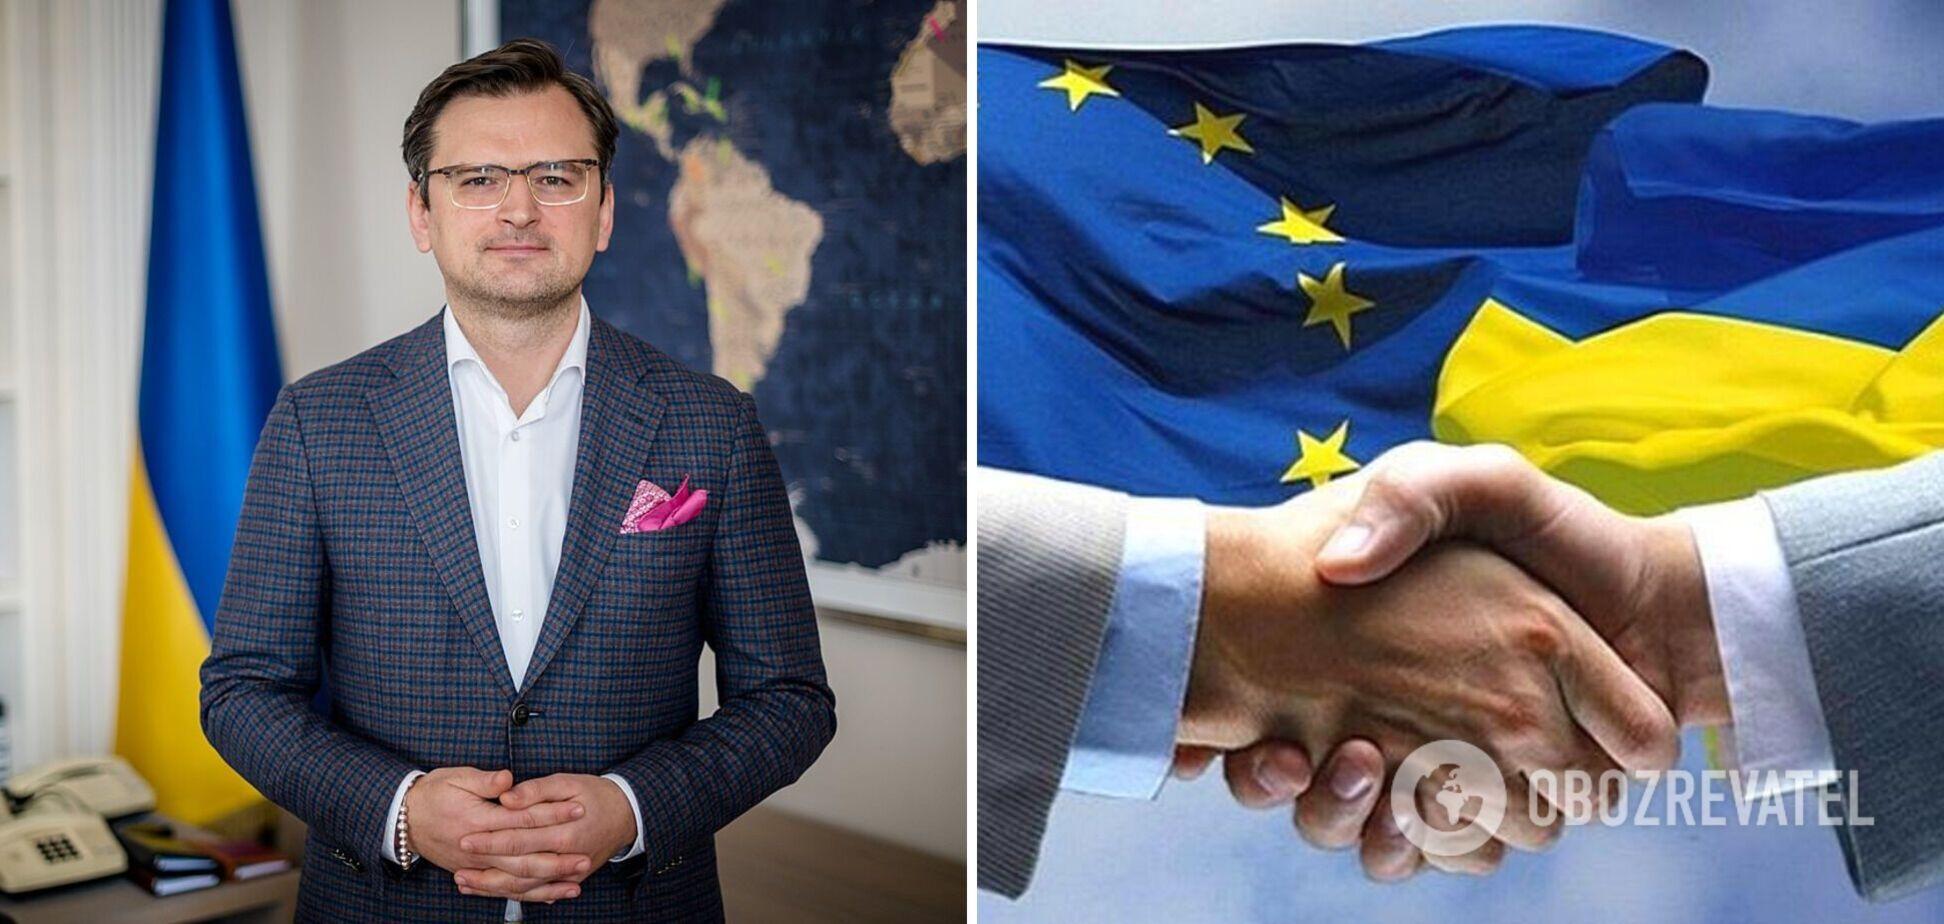 Совет министров ЕС соберется из-за российских войск: Украина приглашена